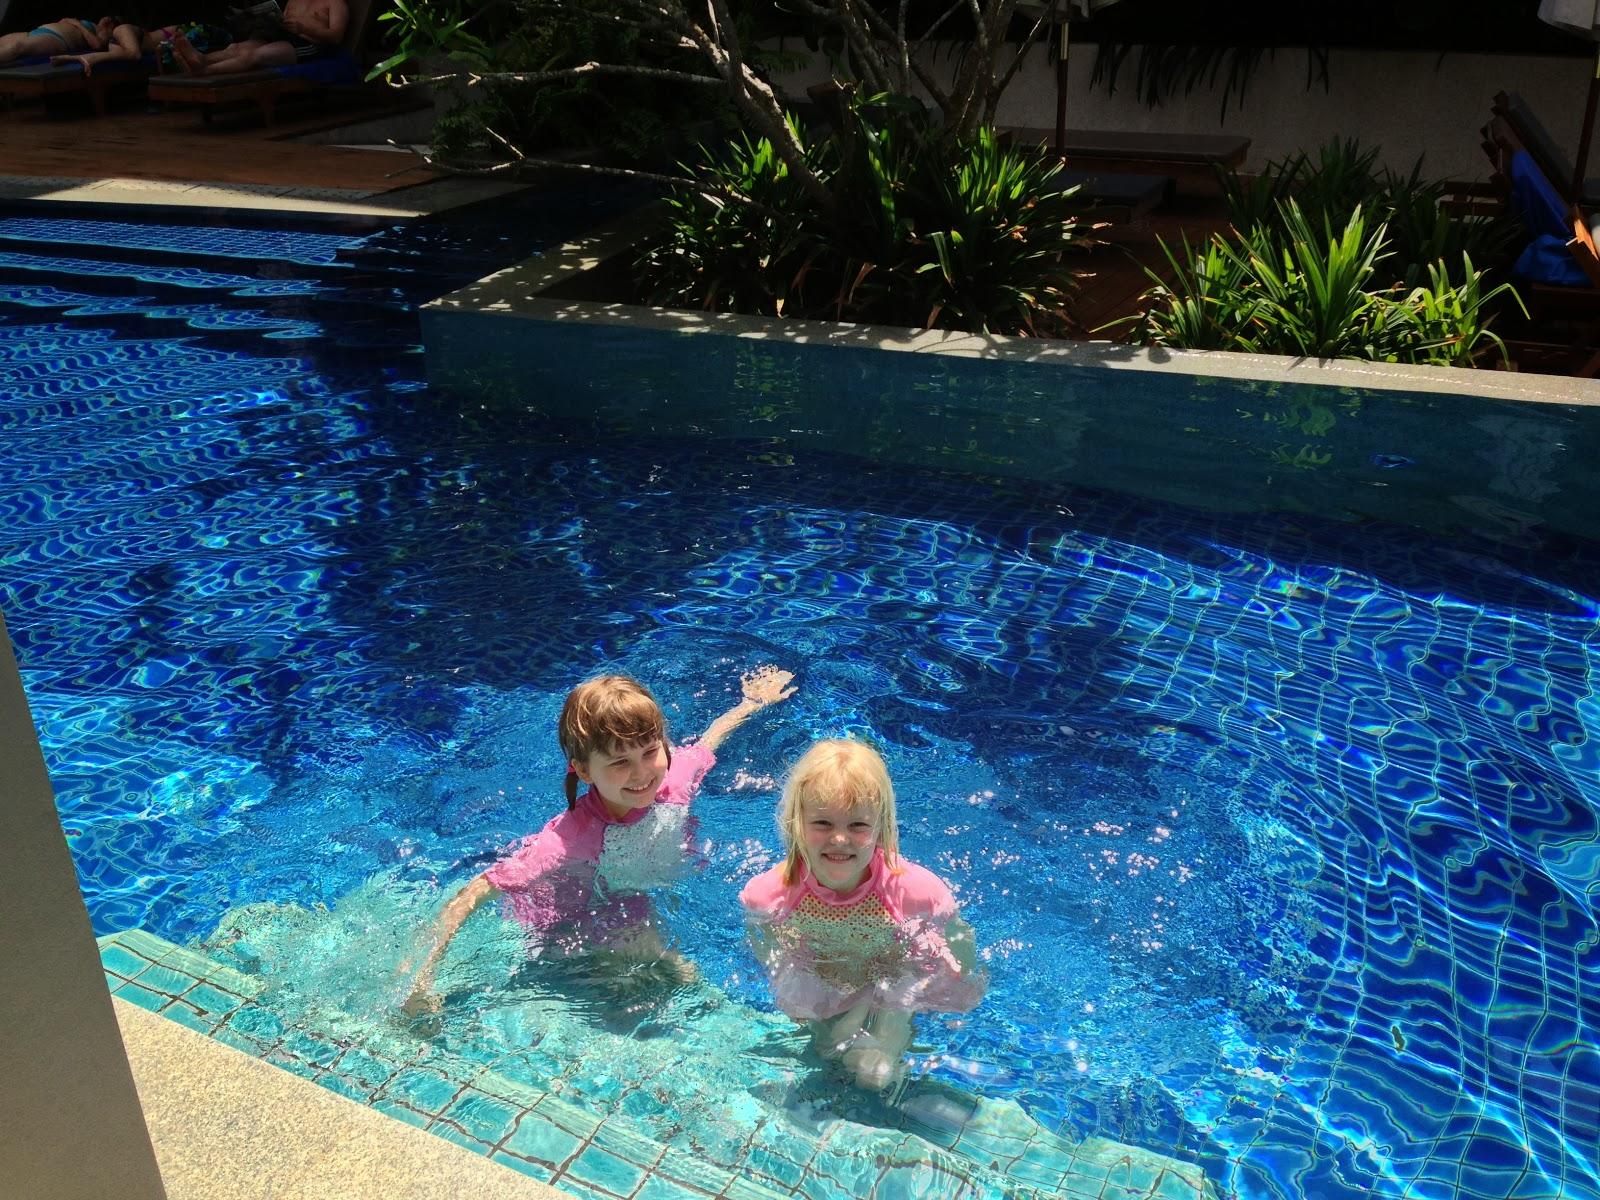 """<a href=""""http://vionm.com/"""">Thailand</a> <a href=""""http://vionm.com/things-to-do-in-bangkok-thailand/thailandhoneymoon-explore-the-beauty-of-koh-samui/"""">Beach</a>: Ao Nang <a href=""""http://vionm.com/things-to-do-in-bangkok-thailand/thailandhoneymoon-explore-the-beauty-of-koh-samui/"""">Beach</a>, Krabi, <a href=""""http://vionm.com/"""">Thailand</a>"""